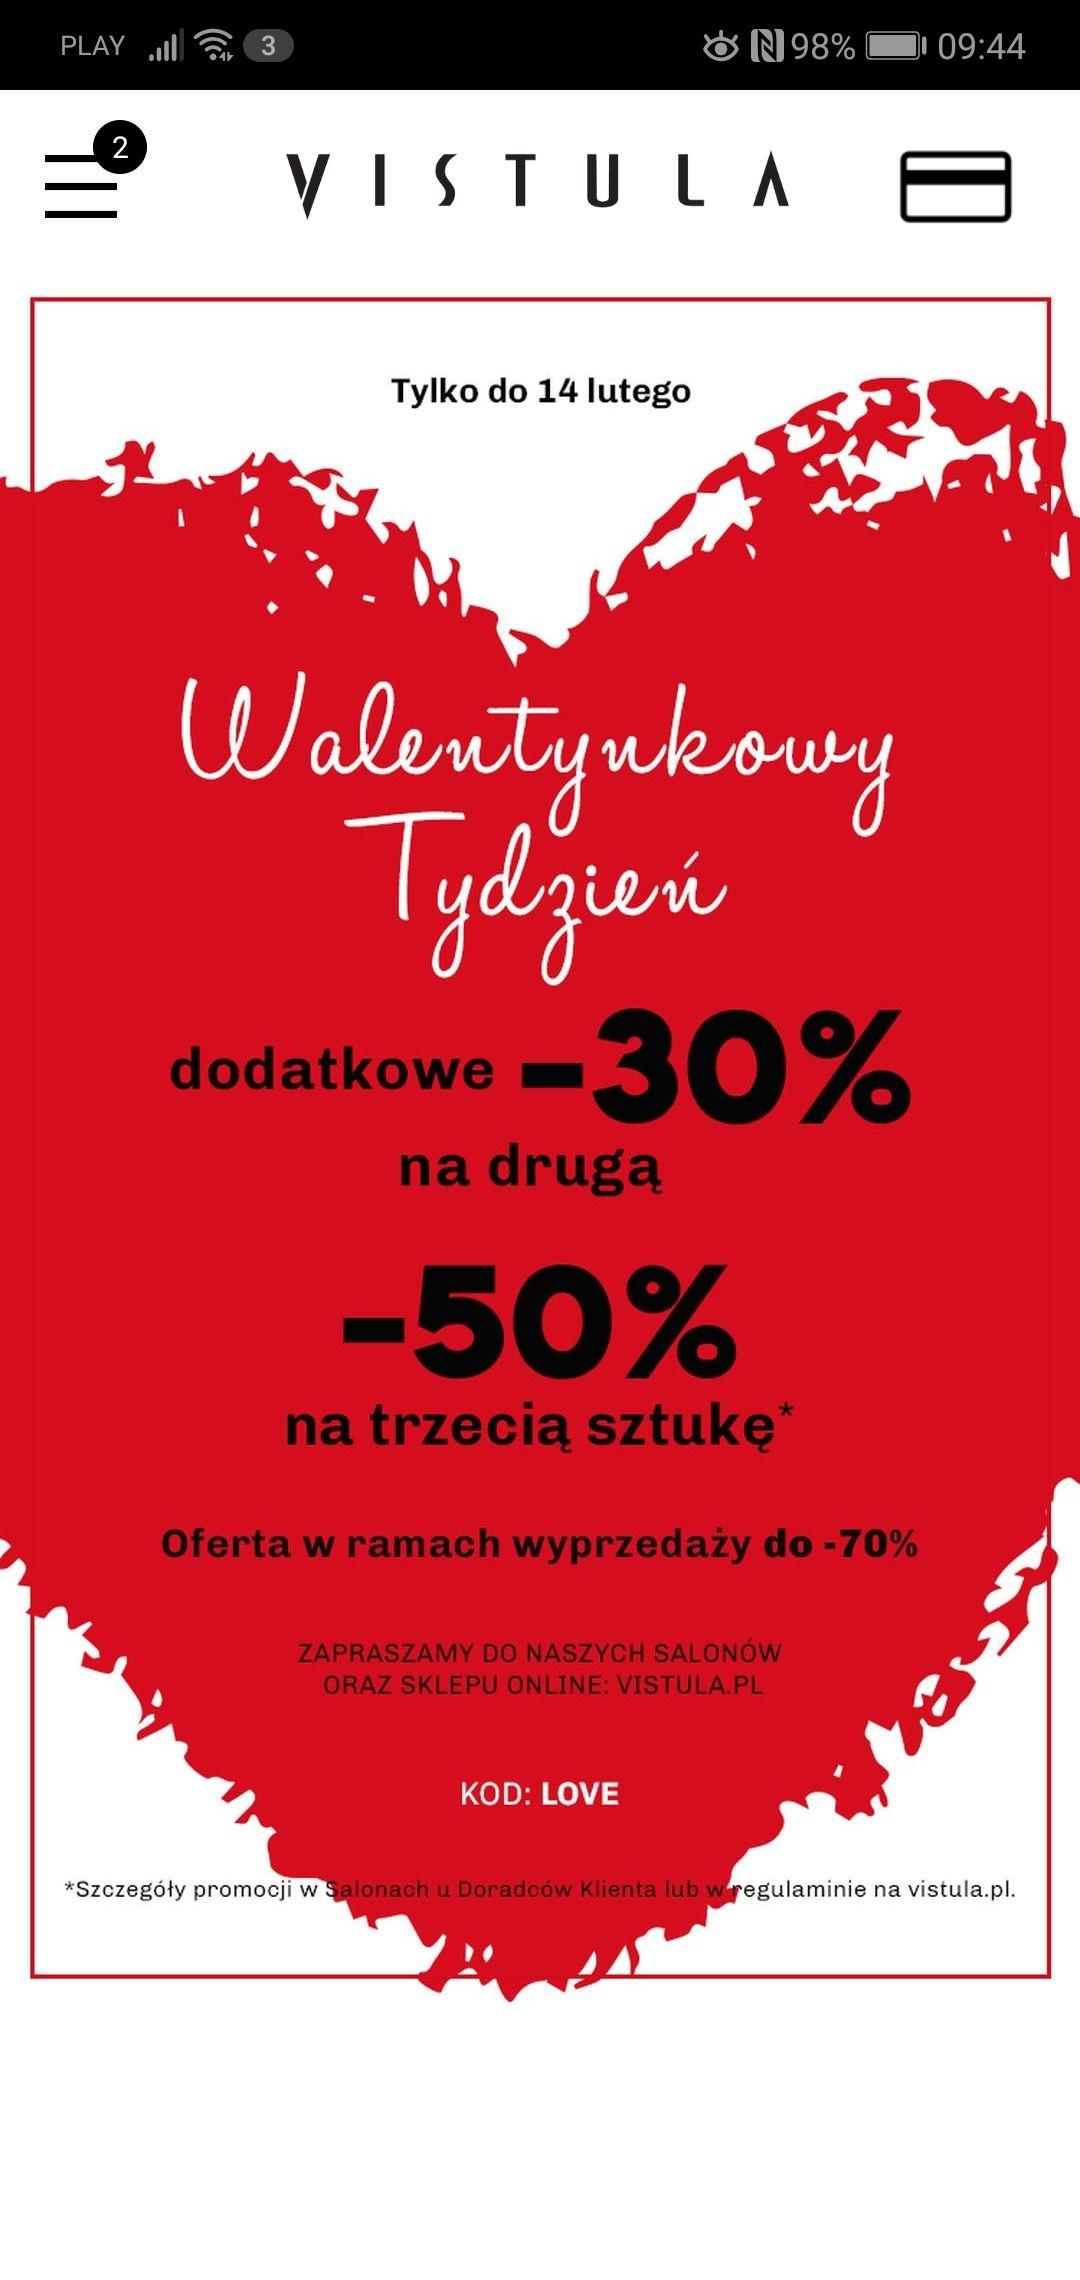 Vistula 30% 50%